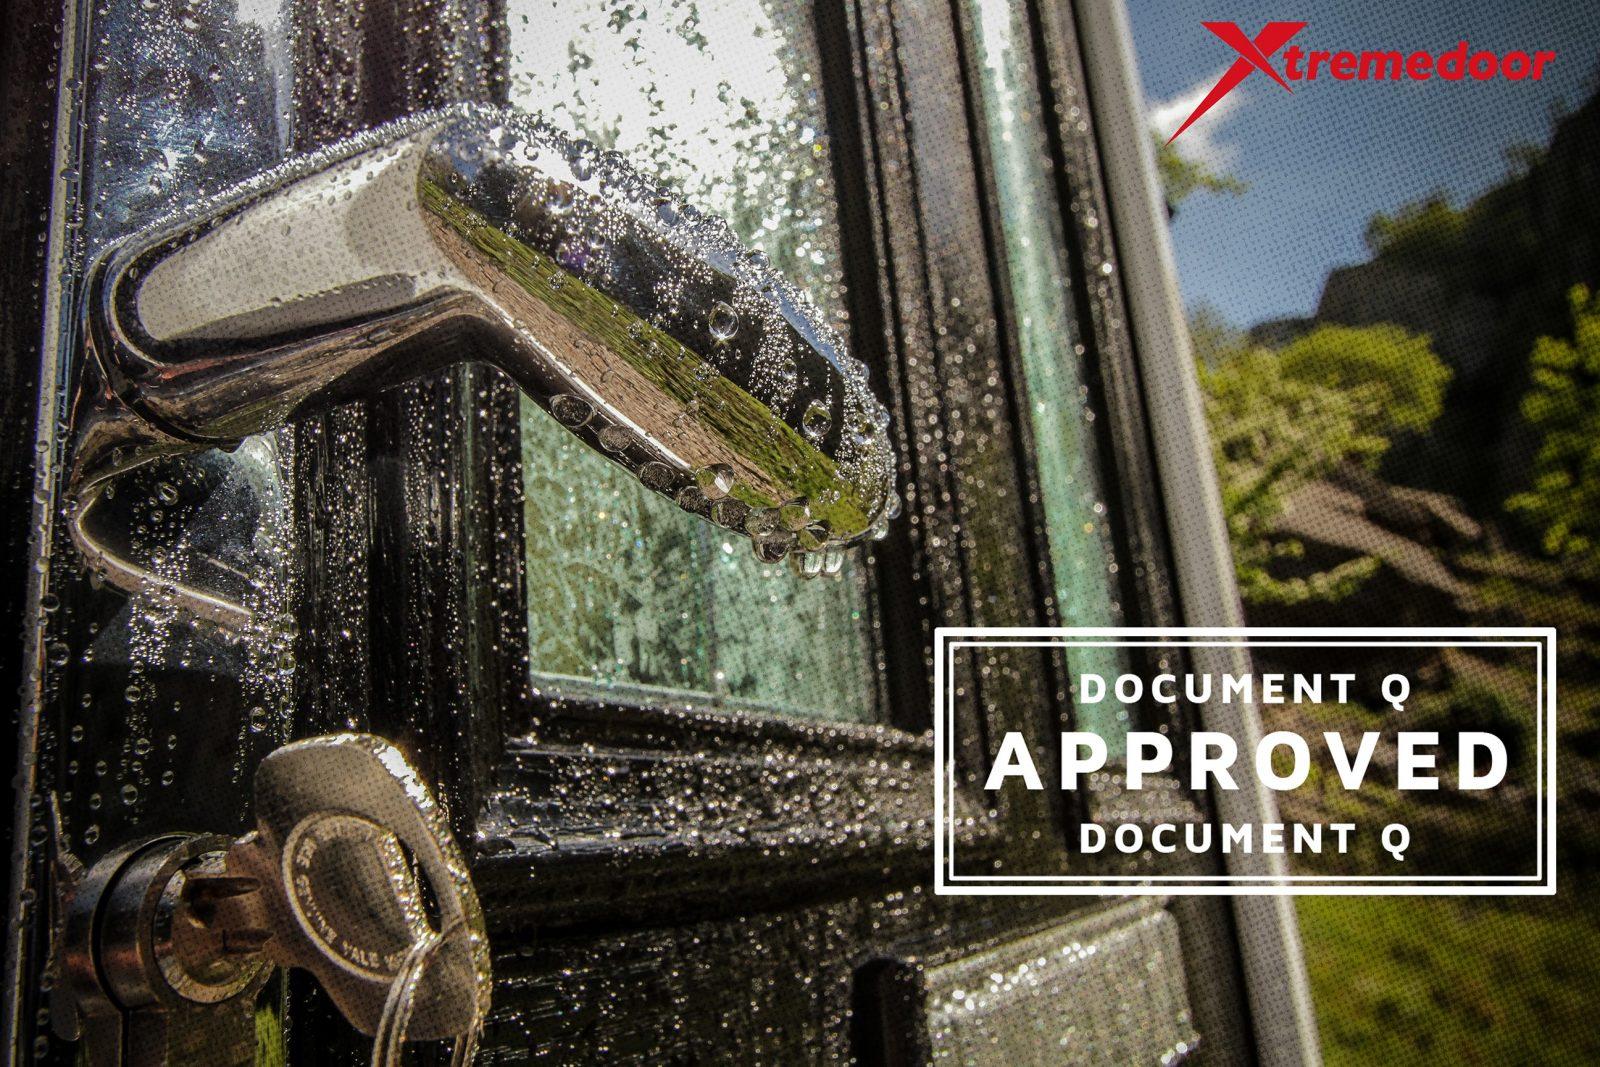 Document Q